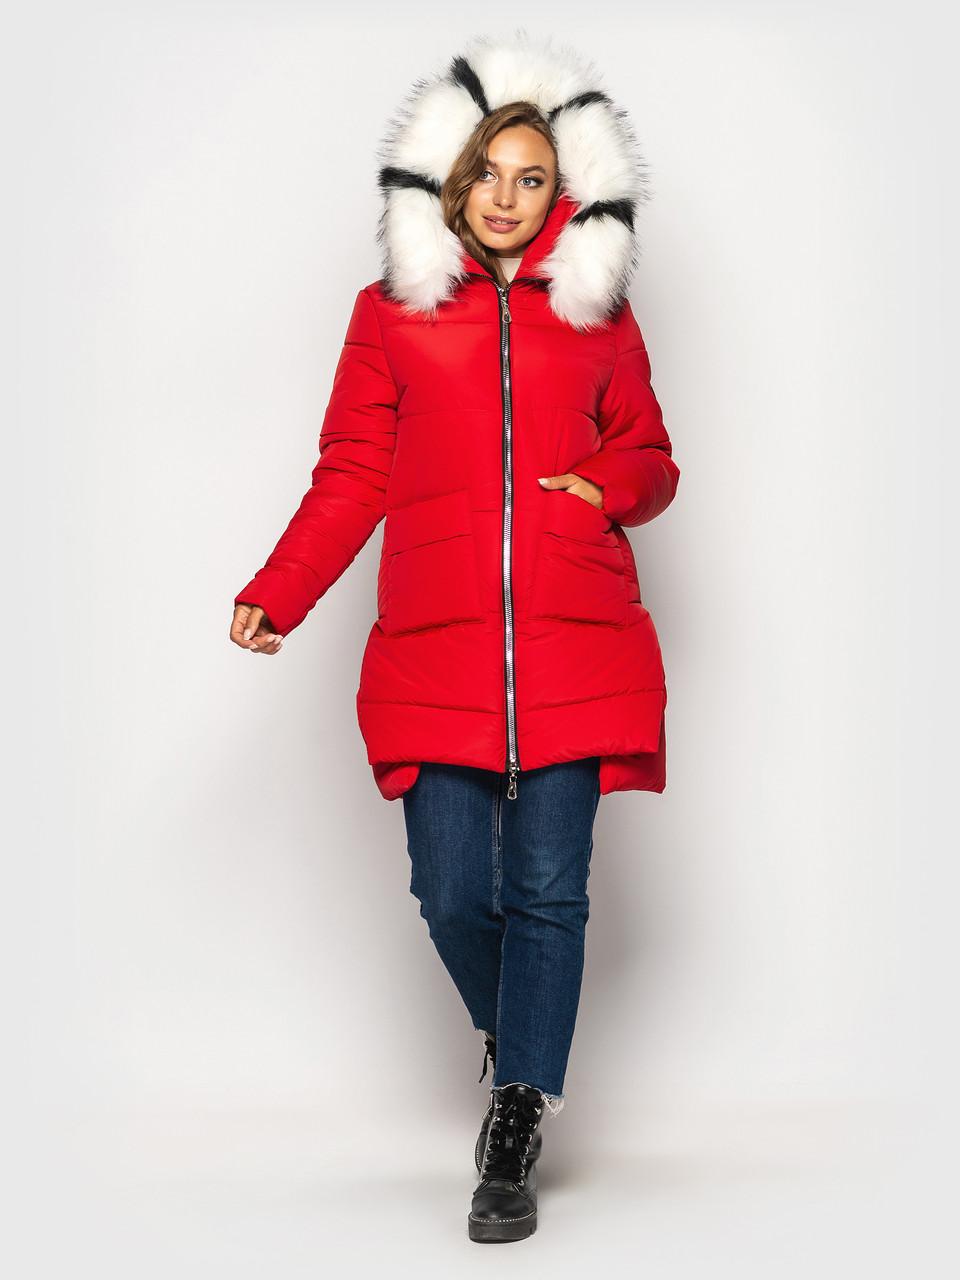 Зимняя куртка красная К 0079 с 01